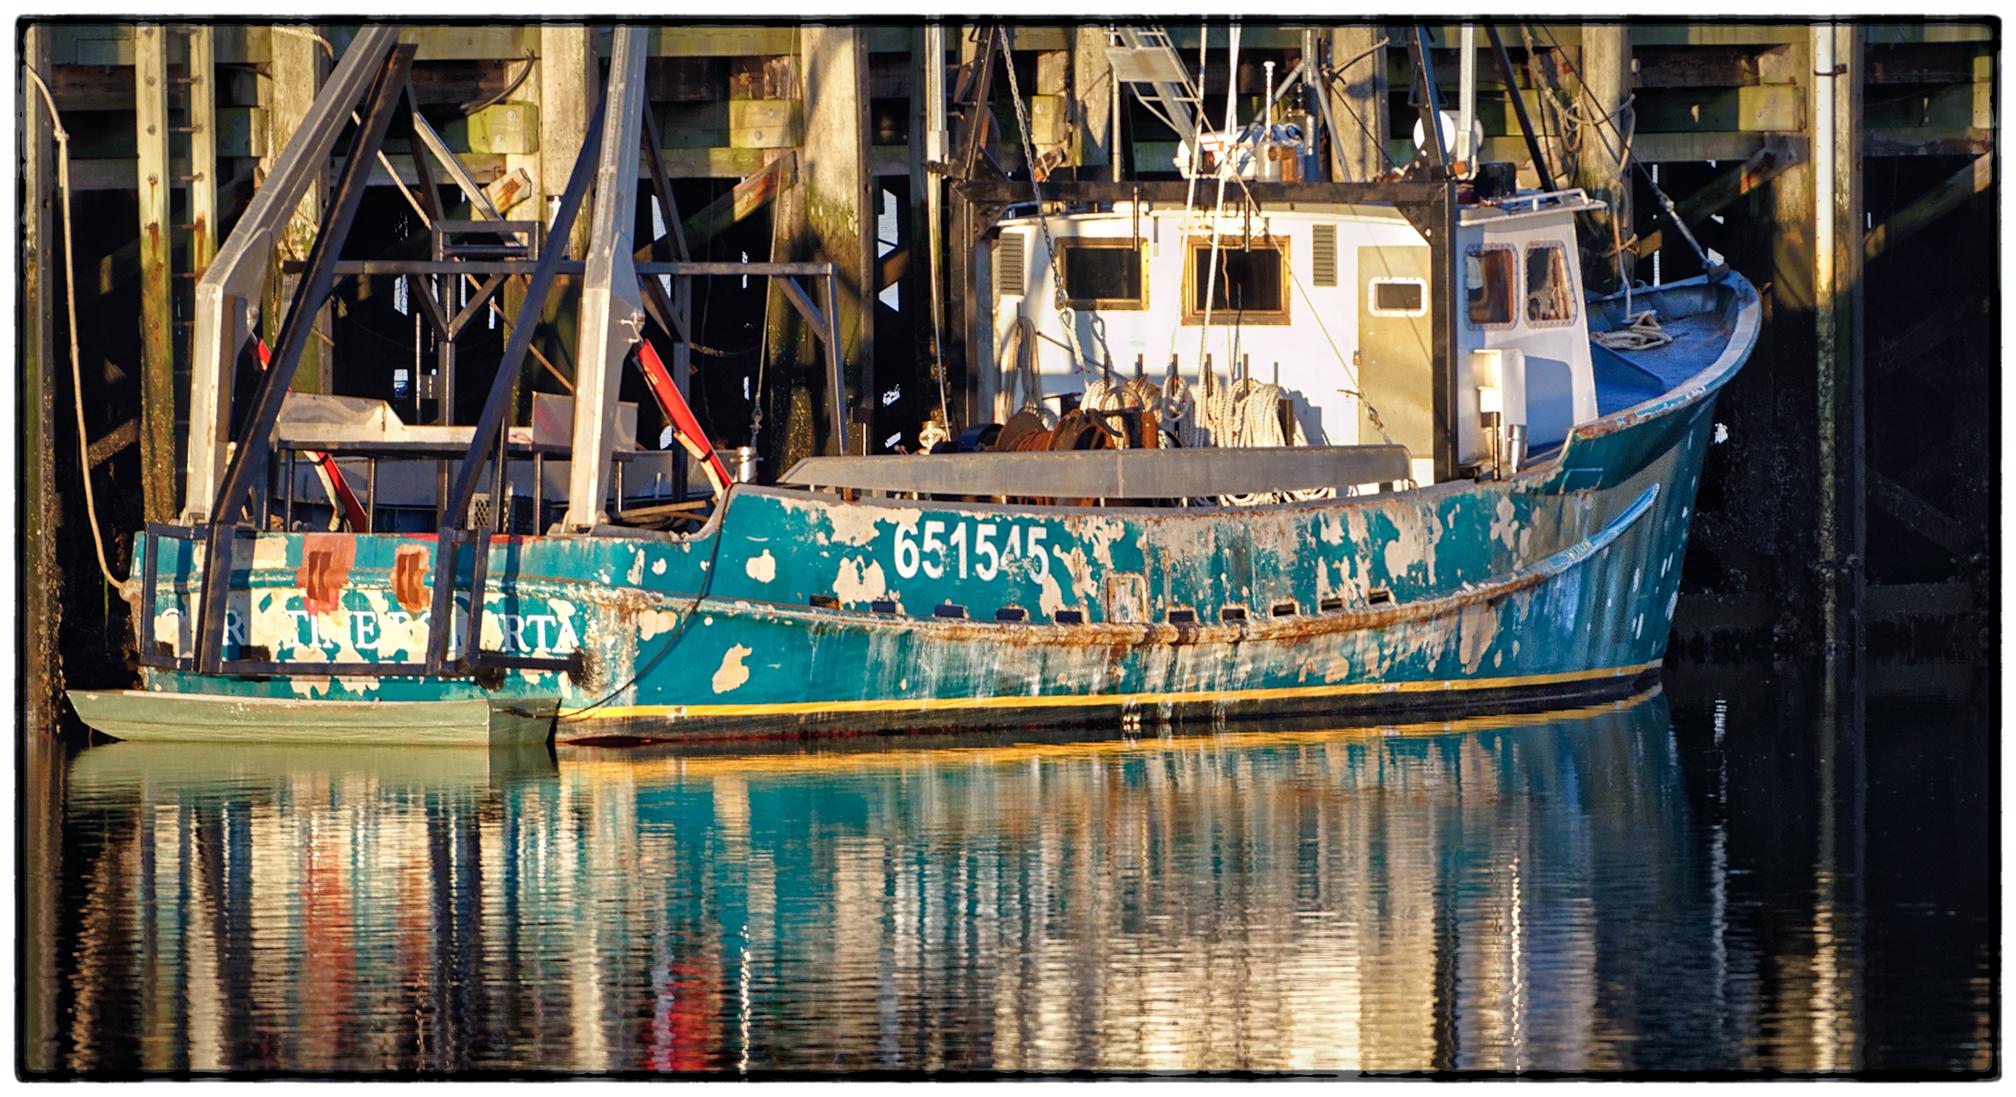 Fishing boat, Wellfleet